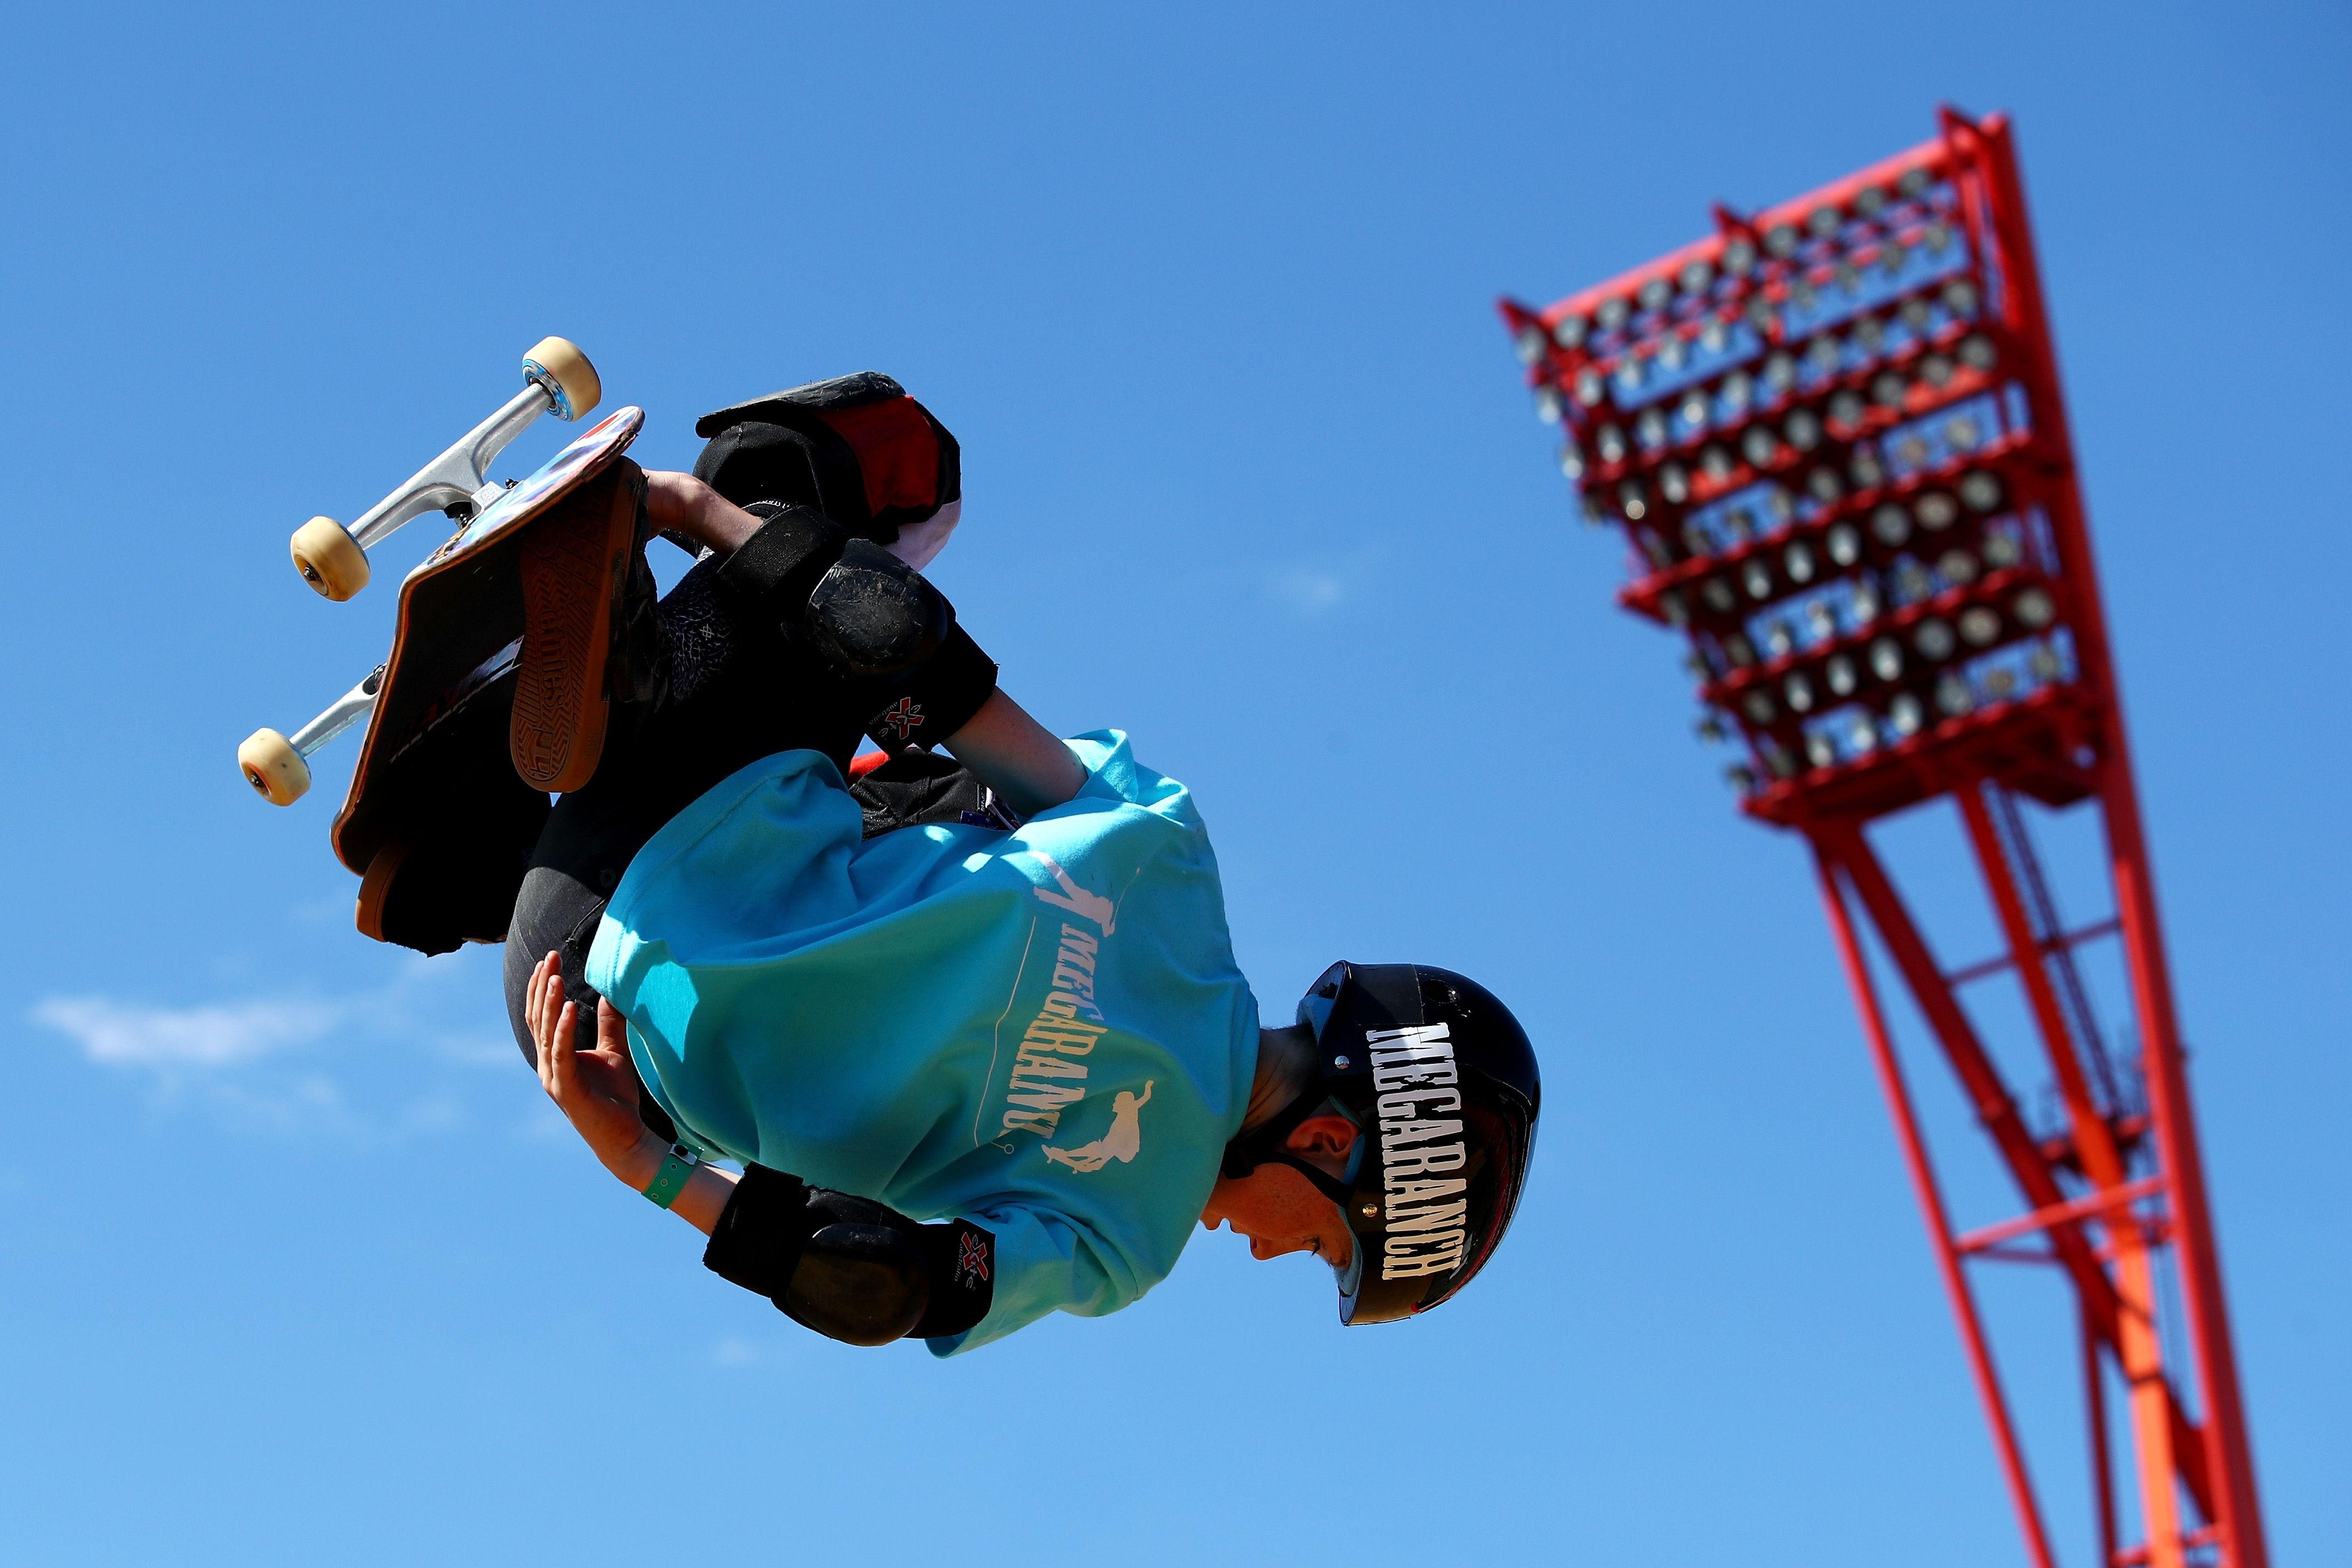 Yuzuki Kawasaki, el niño prodigio del skate que ya apunta a oro en los Juegos Olímpicos